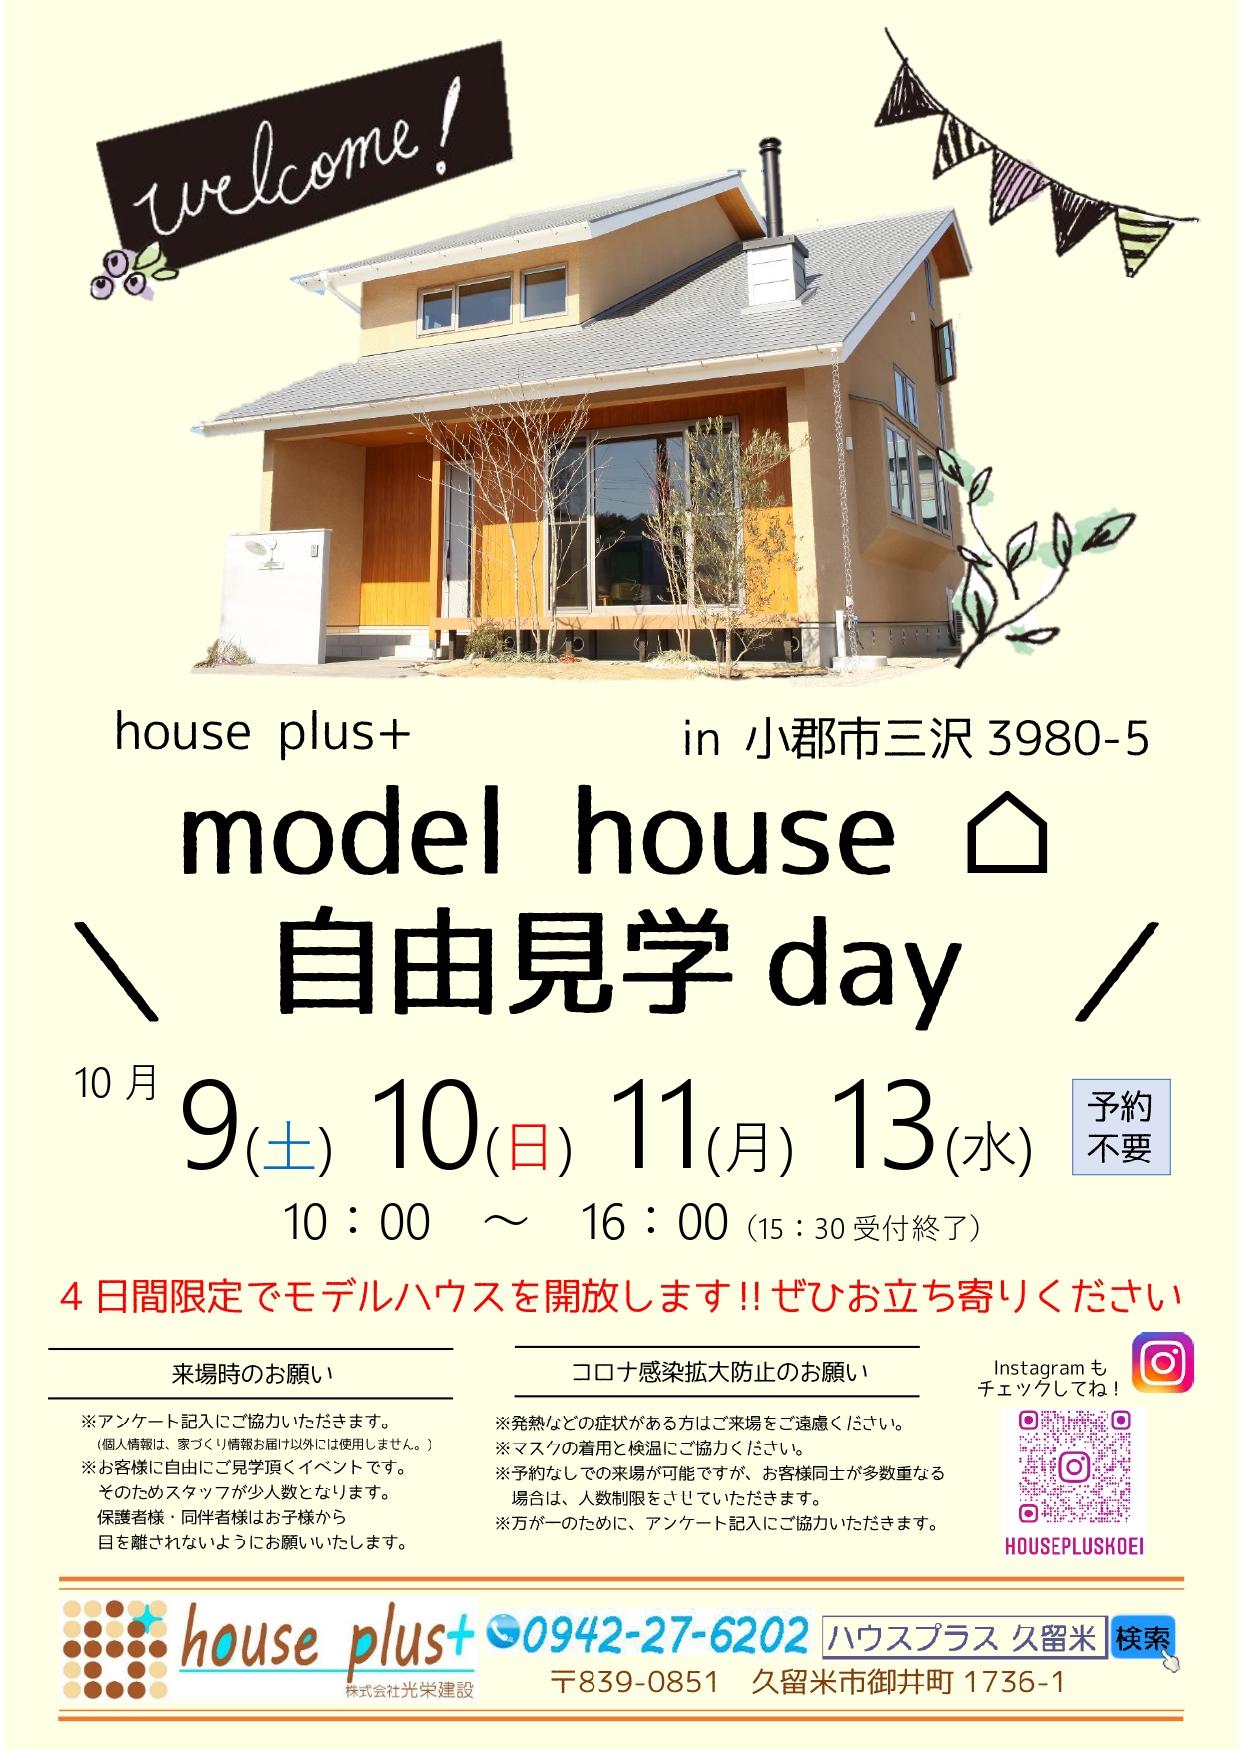 10/9.10.11.13 モデルハウス自由見学day